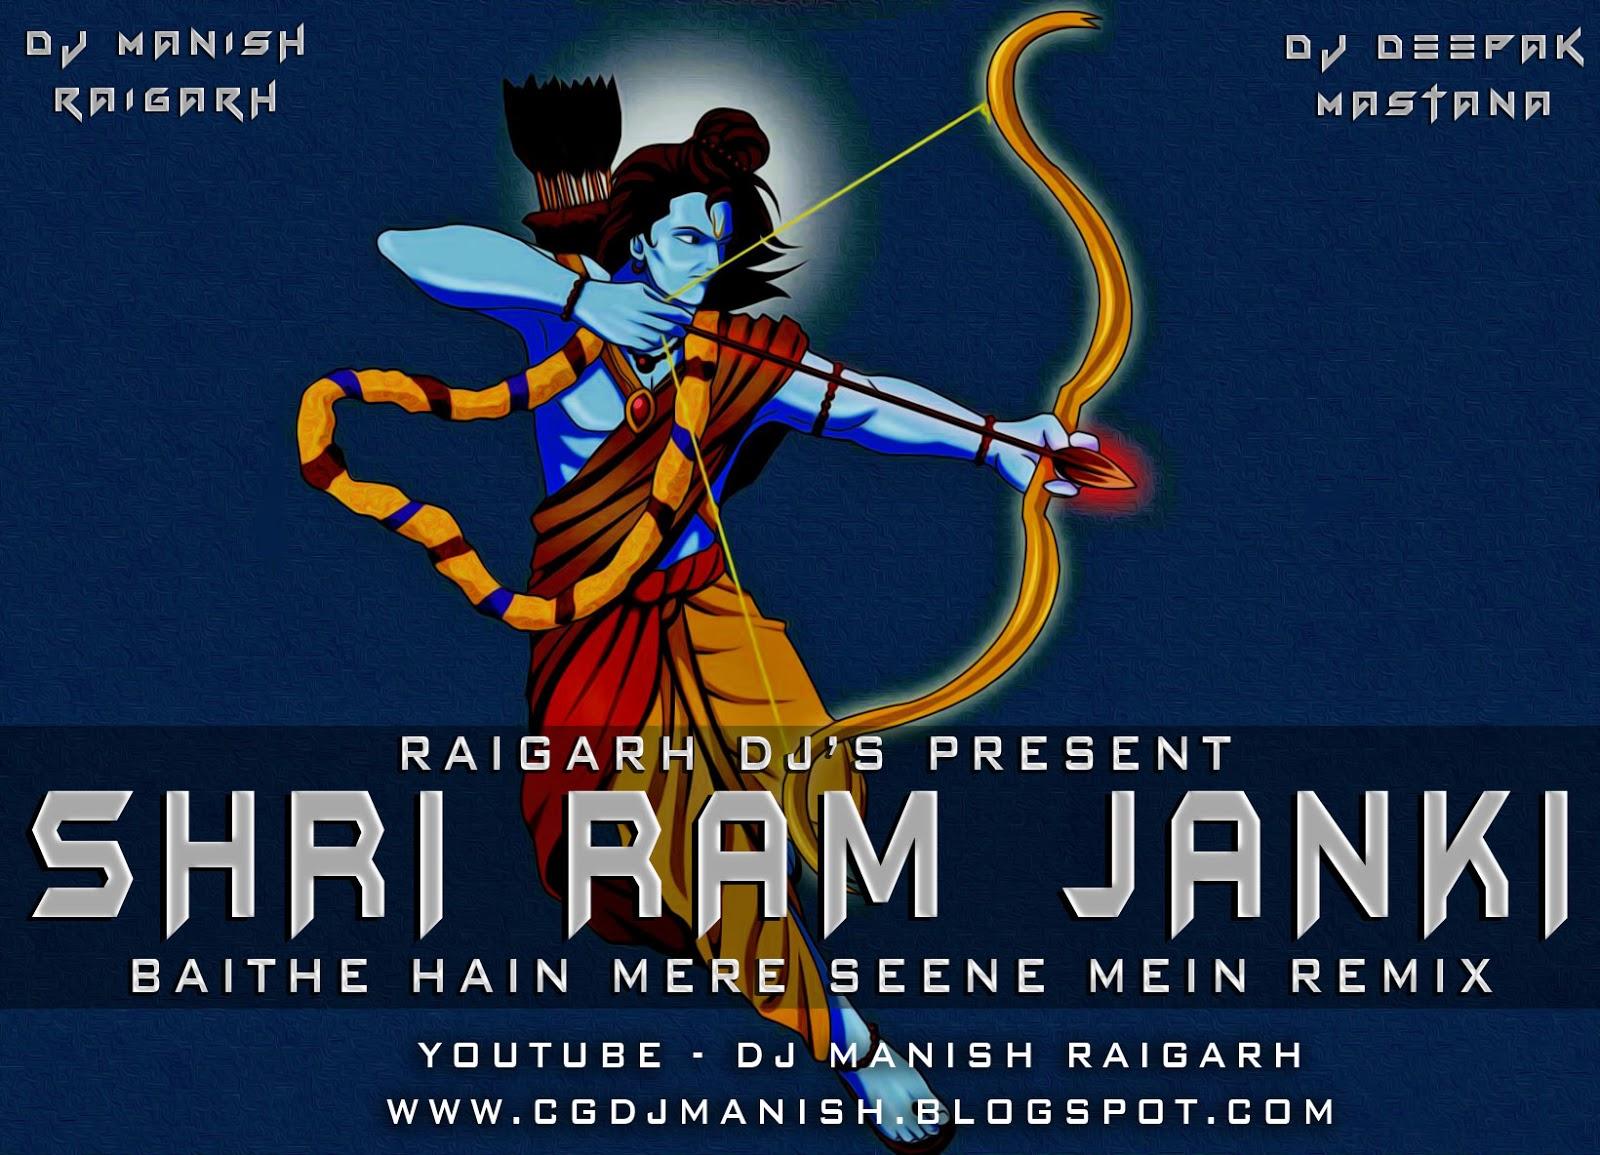 SHREE RAM JANKI BAITHE HAI Roadshow Dance_DJ MANISH RAIGARH